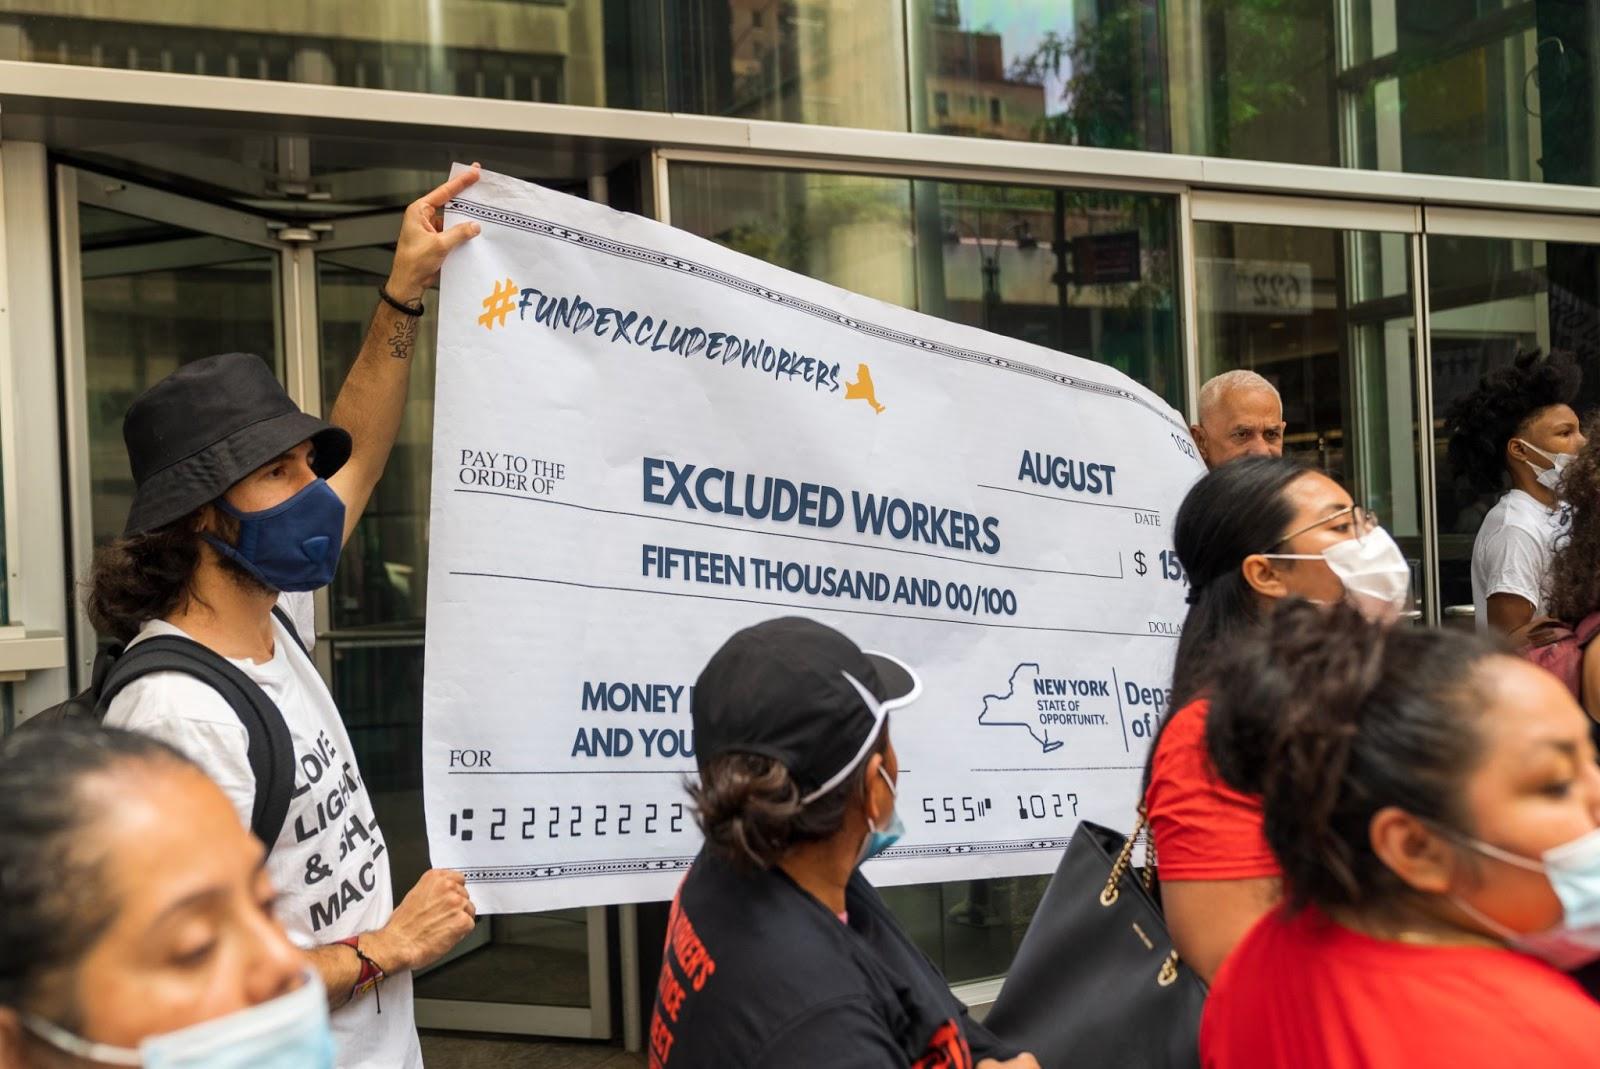 Documented, junto con Make the Road, organizó una sesión en vivo donde respondimos las preguntas sobre el fondo para trabajadores excluidos (excluded workers fund).